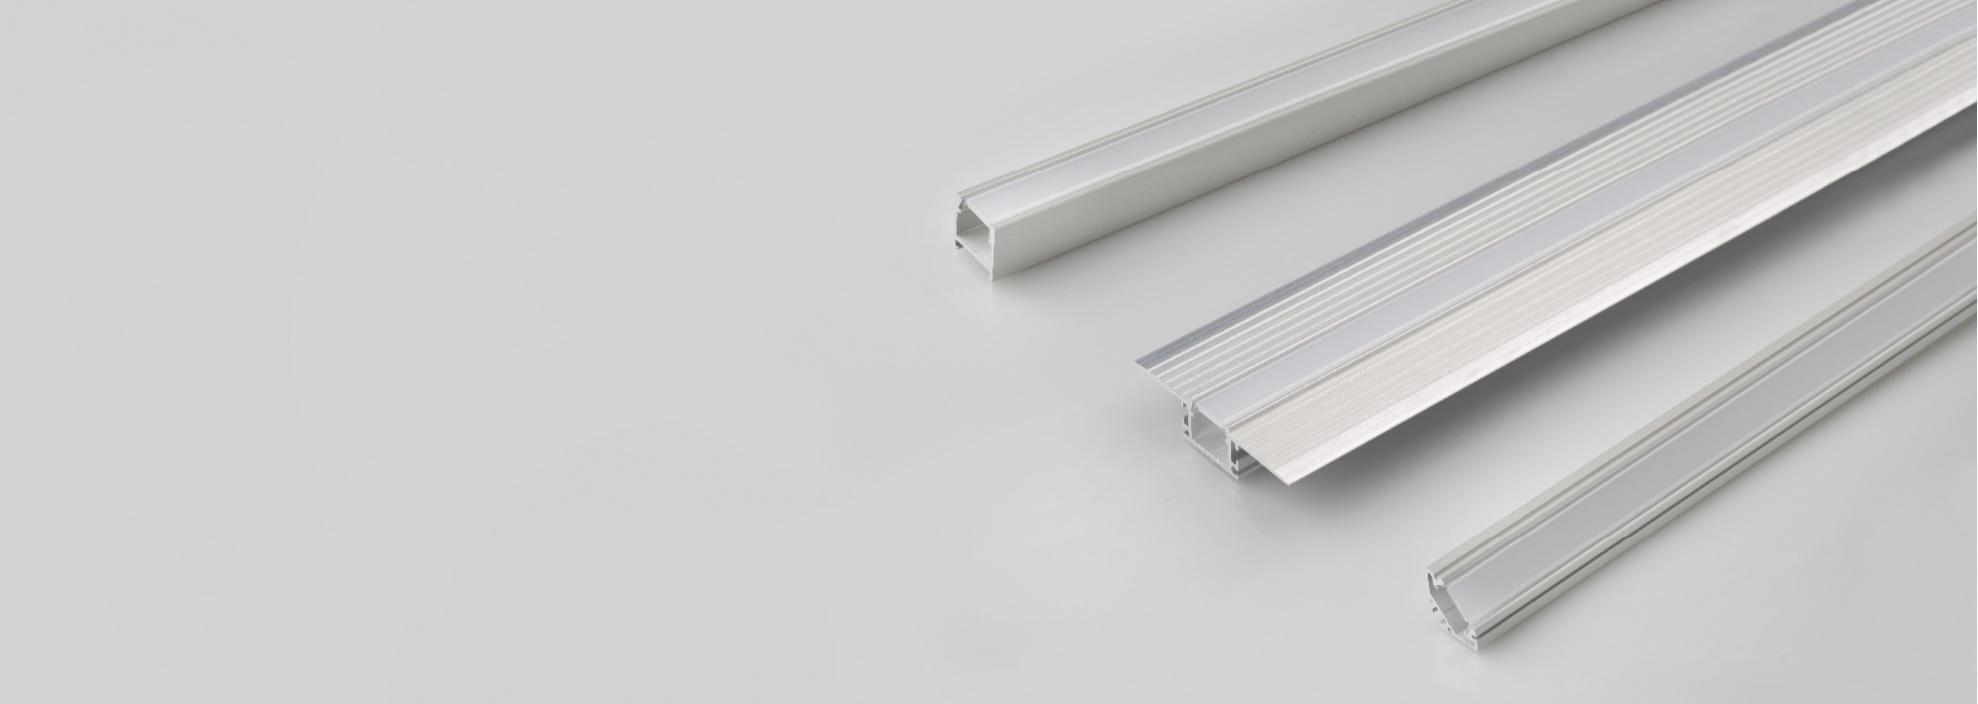 Алюминиевый профиль Klus – универсальны в применении, продуманы до мелочей